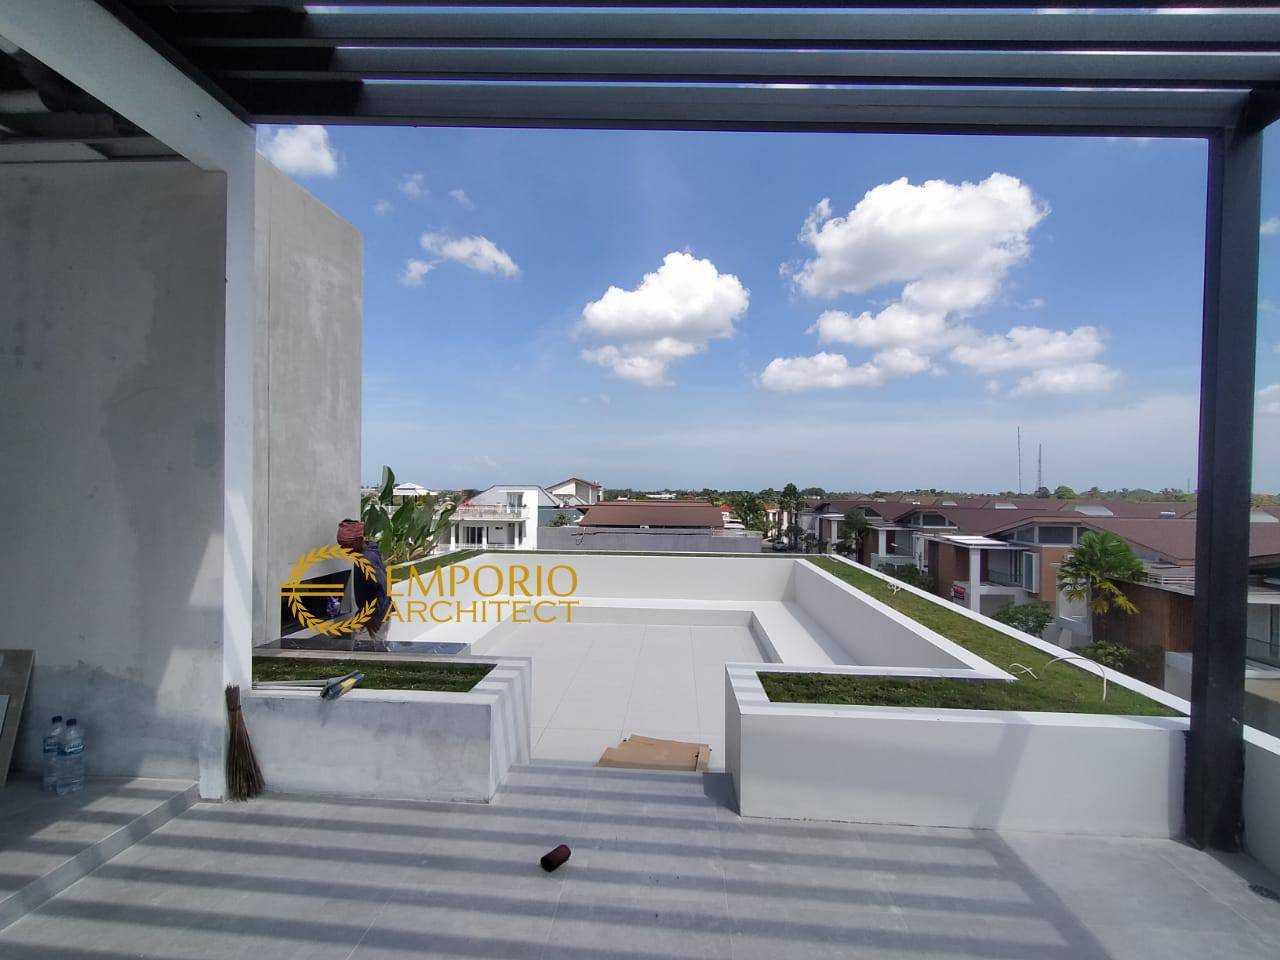 Emporio Architect Jasa Arsitek Bali Progress Pembangunan Rumah Modern Tropis 559 @ Munggu, Badung, Bali Munggu, Kec. Mengwi, Kabupaten Badung, Bali, Indonesia Munggu, Kec. Mengwi, Kabupaten Badung, Bali, Indonesia Emporio-Architect-Jasa-Arsitek-Bali-Progress-Pembangunan-Rumah-Modern-Tropis-559-Munggu-Badung-Bali  91465